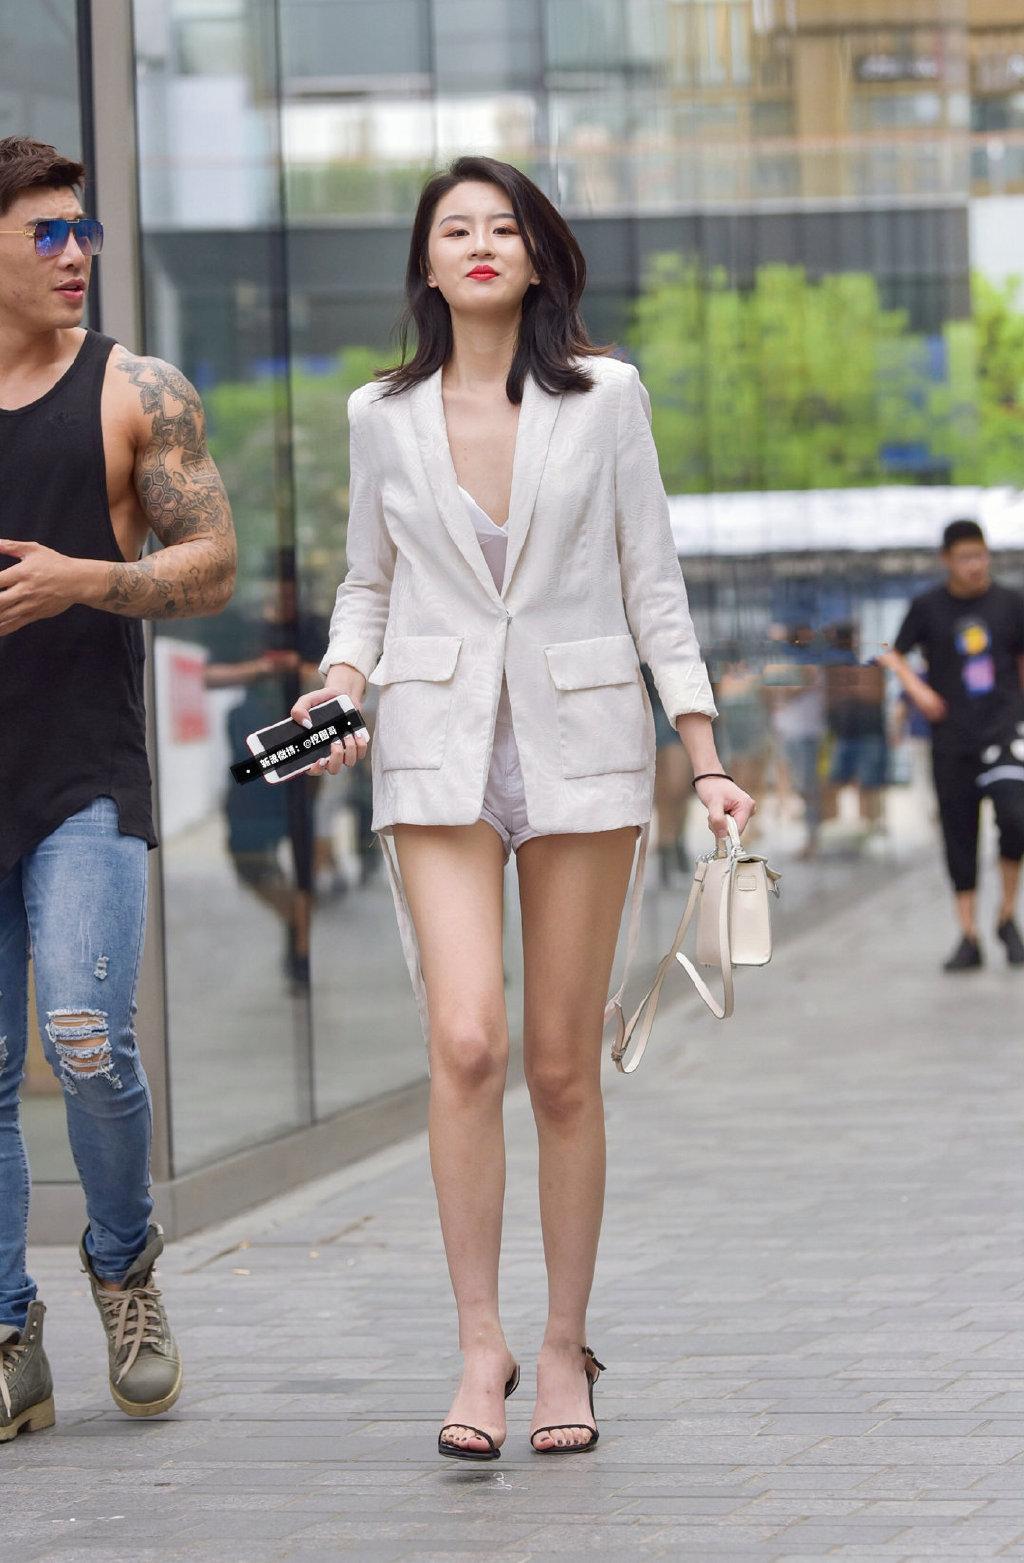 西装外套也能如此性感。   涨姿势 第2张